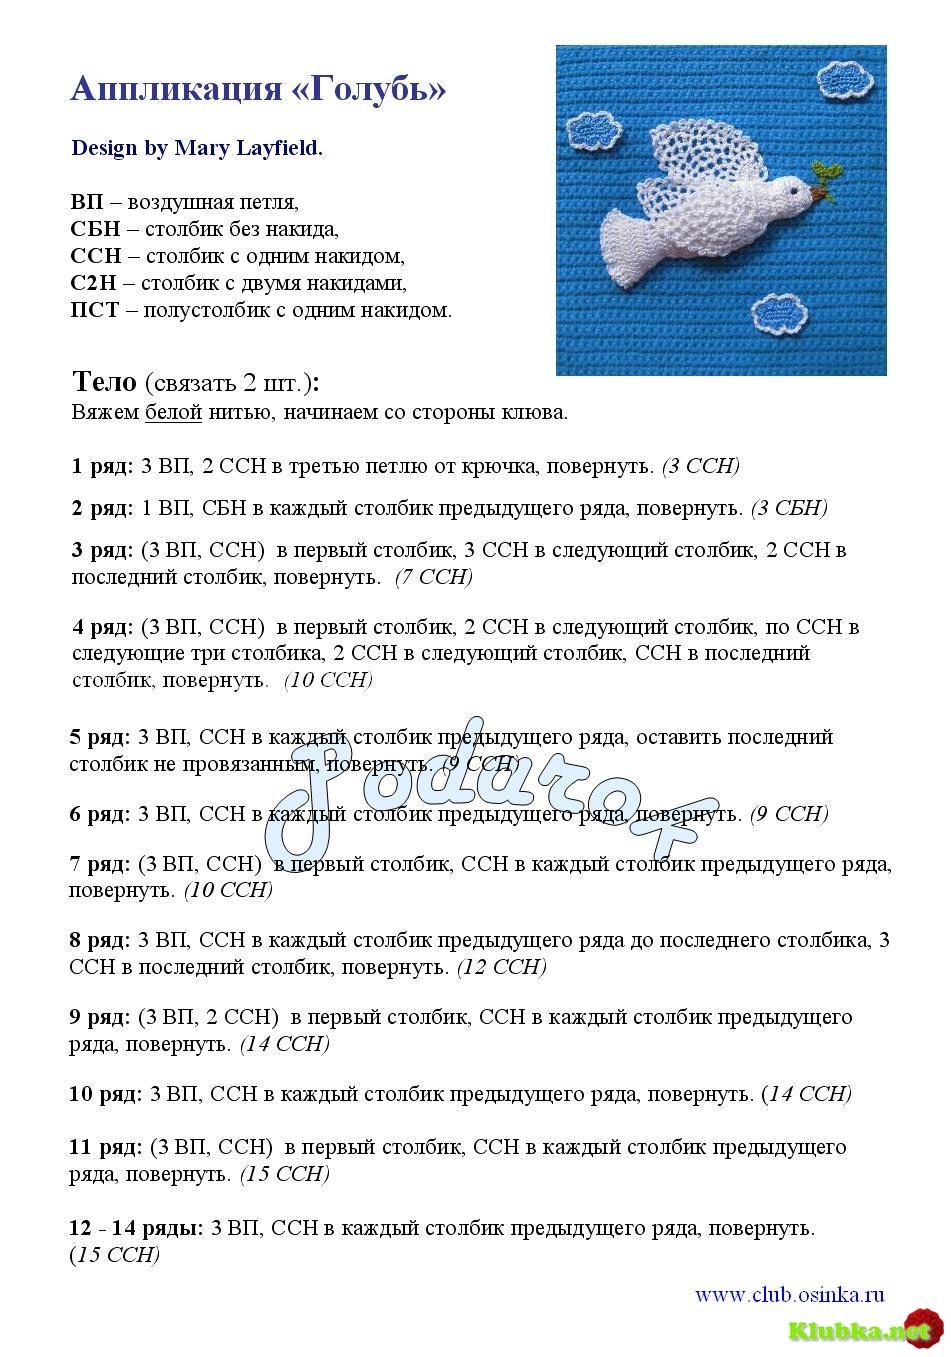 Голуби крючком схема и описание